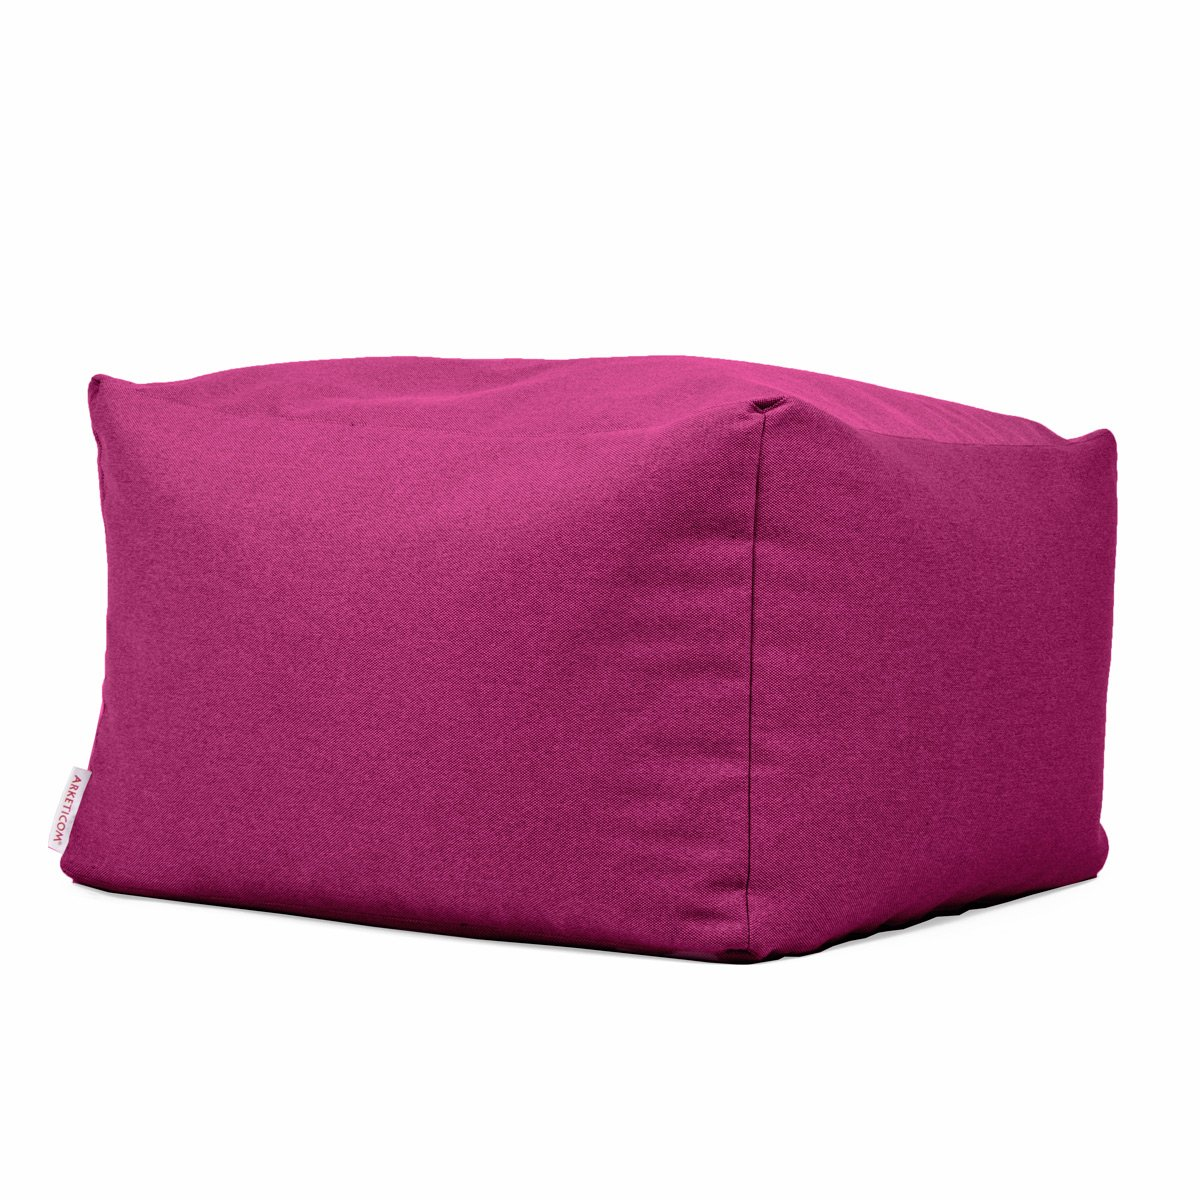 Arketicom Soft Cube Pouf reposepied d/éhoussable beanbag Poire Sac 42x42cm Creme